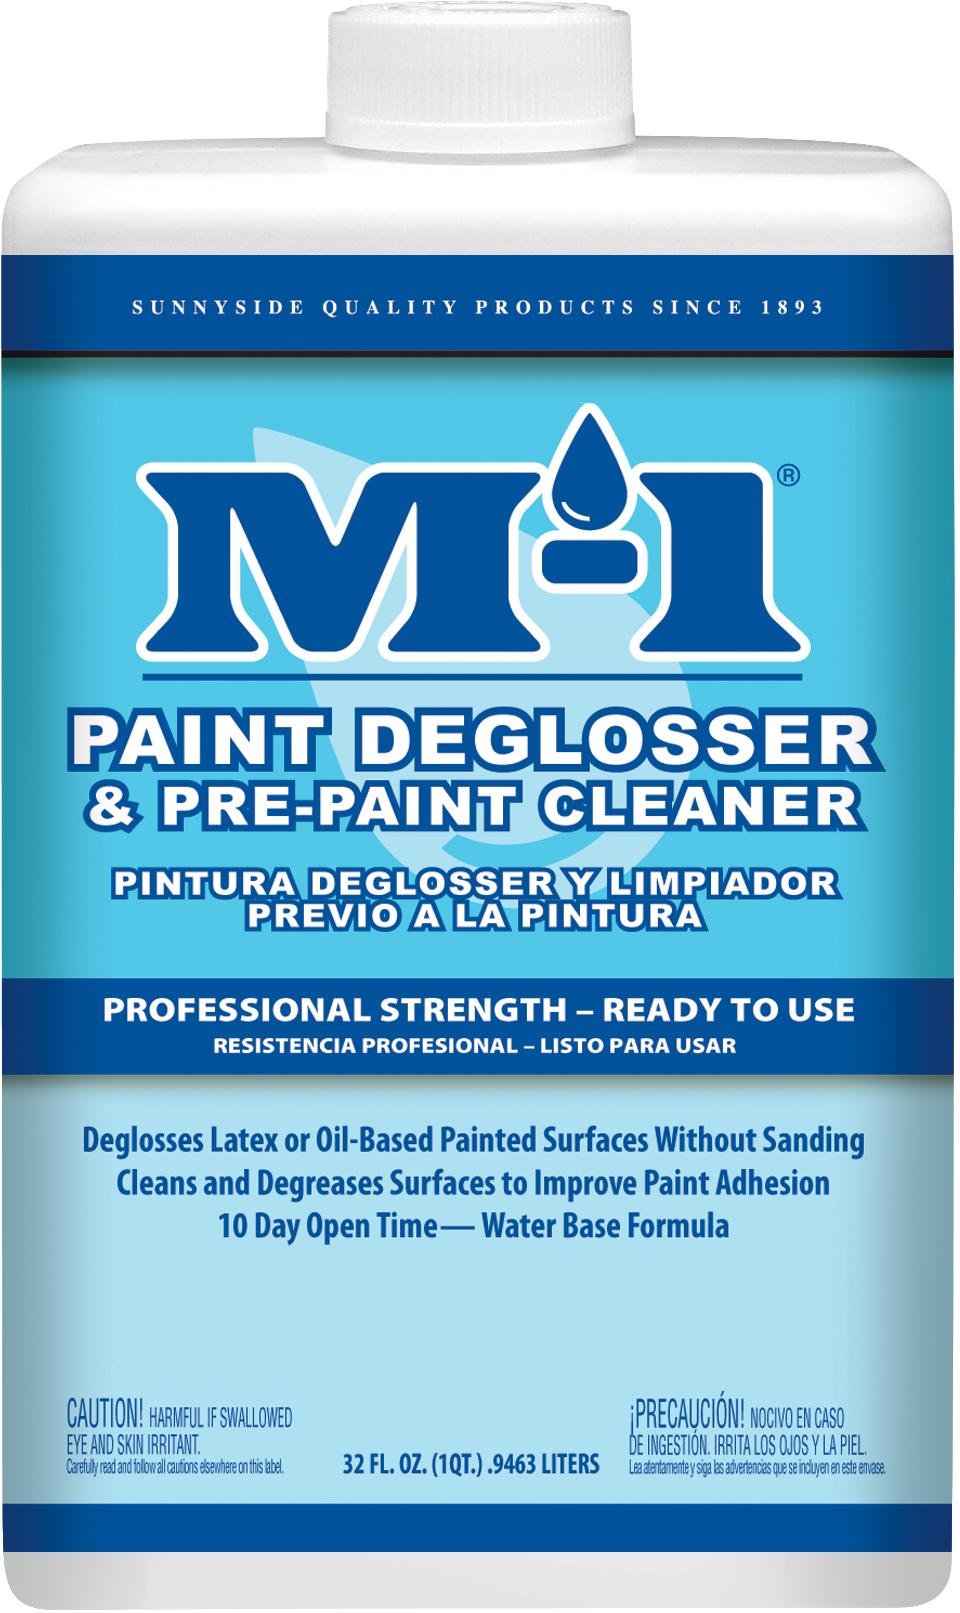 M-1 PAINT DEGLOSSER & PRE-PAINT CLEANER